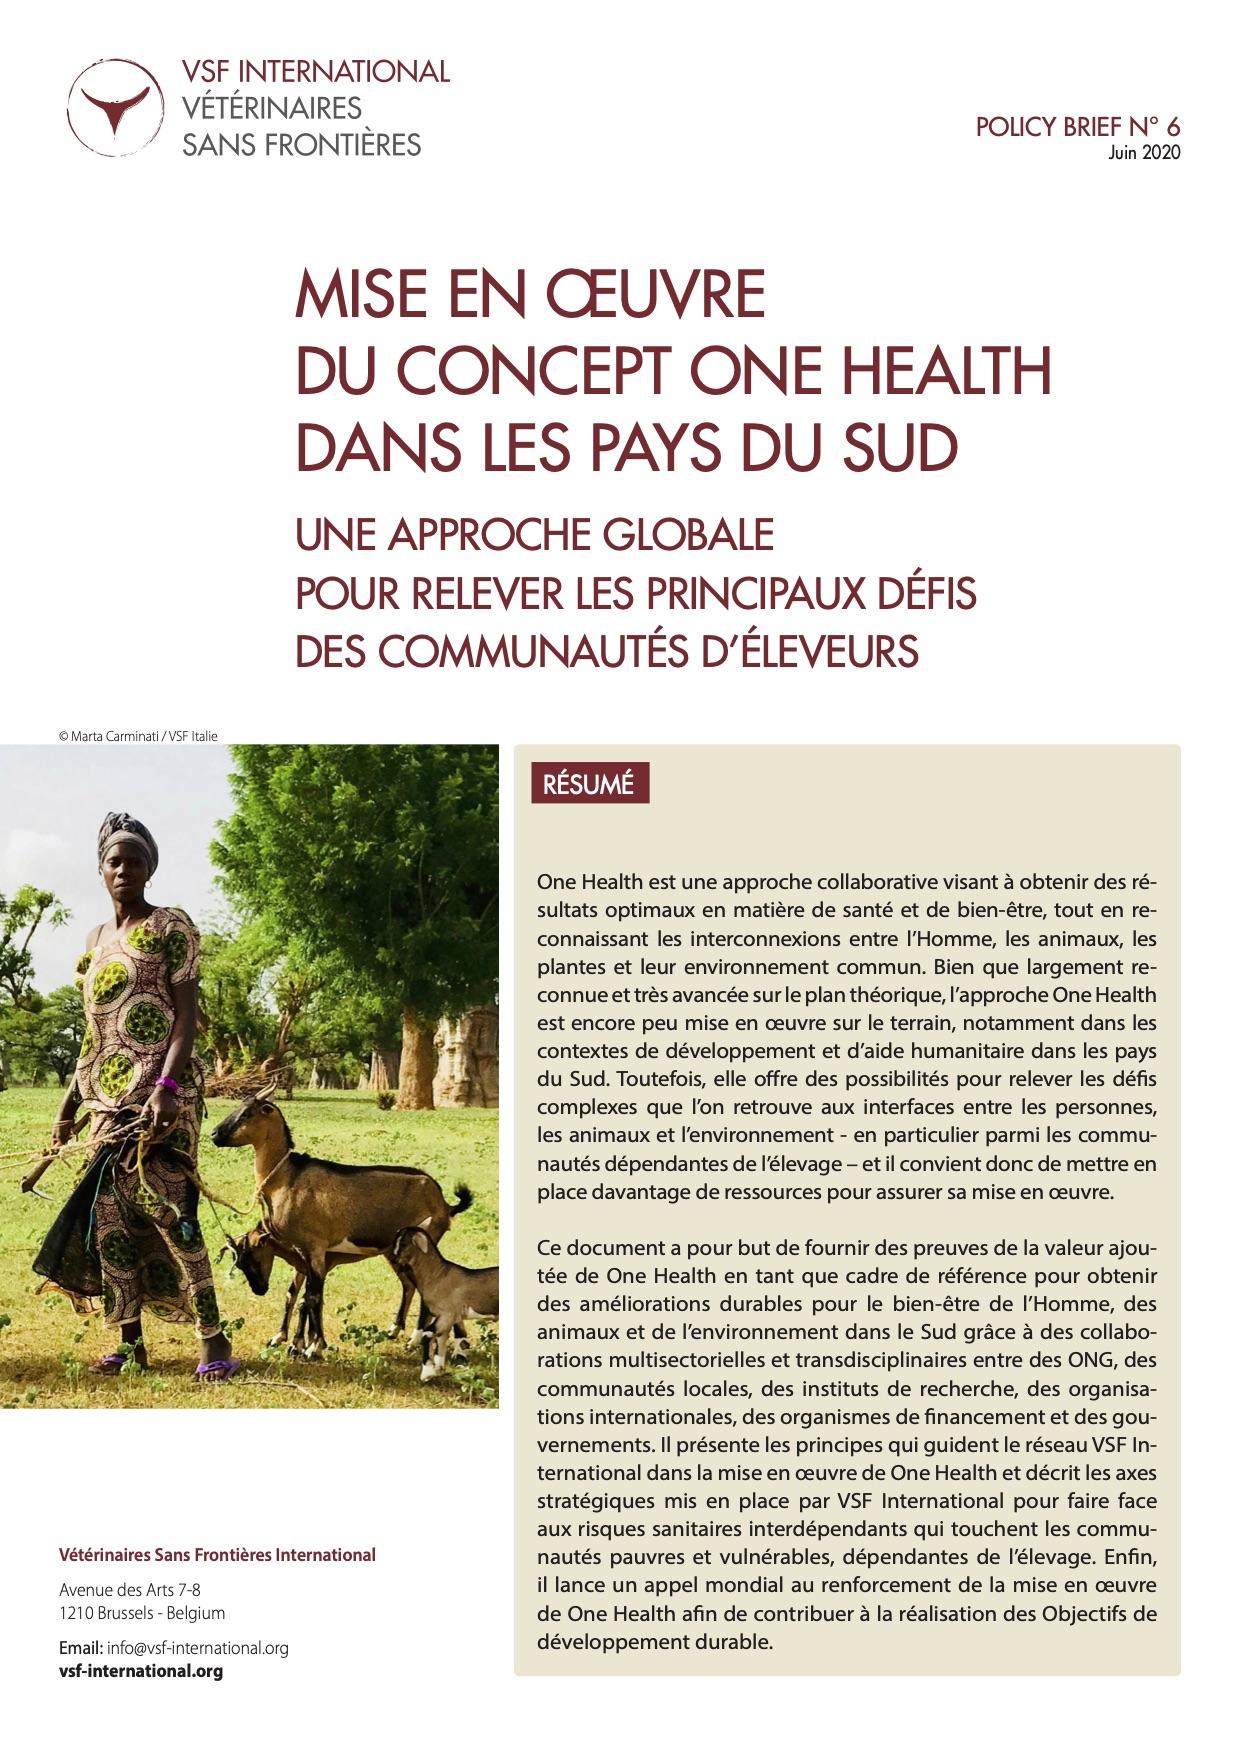 Mise en œuvre du concept One Health dans les pays du Sud : policy brief de VSF-International Image principale